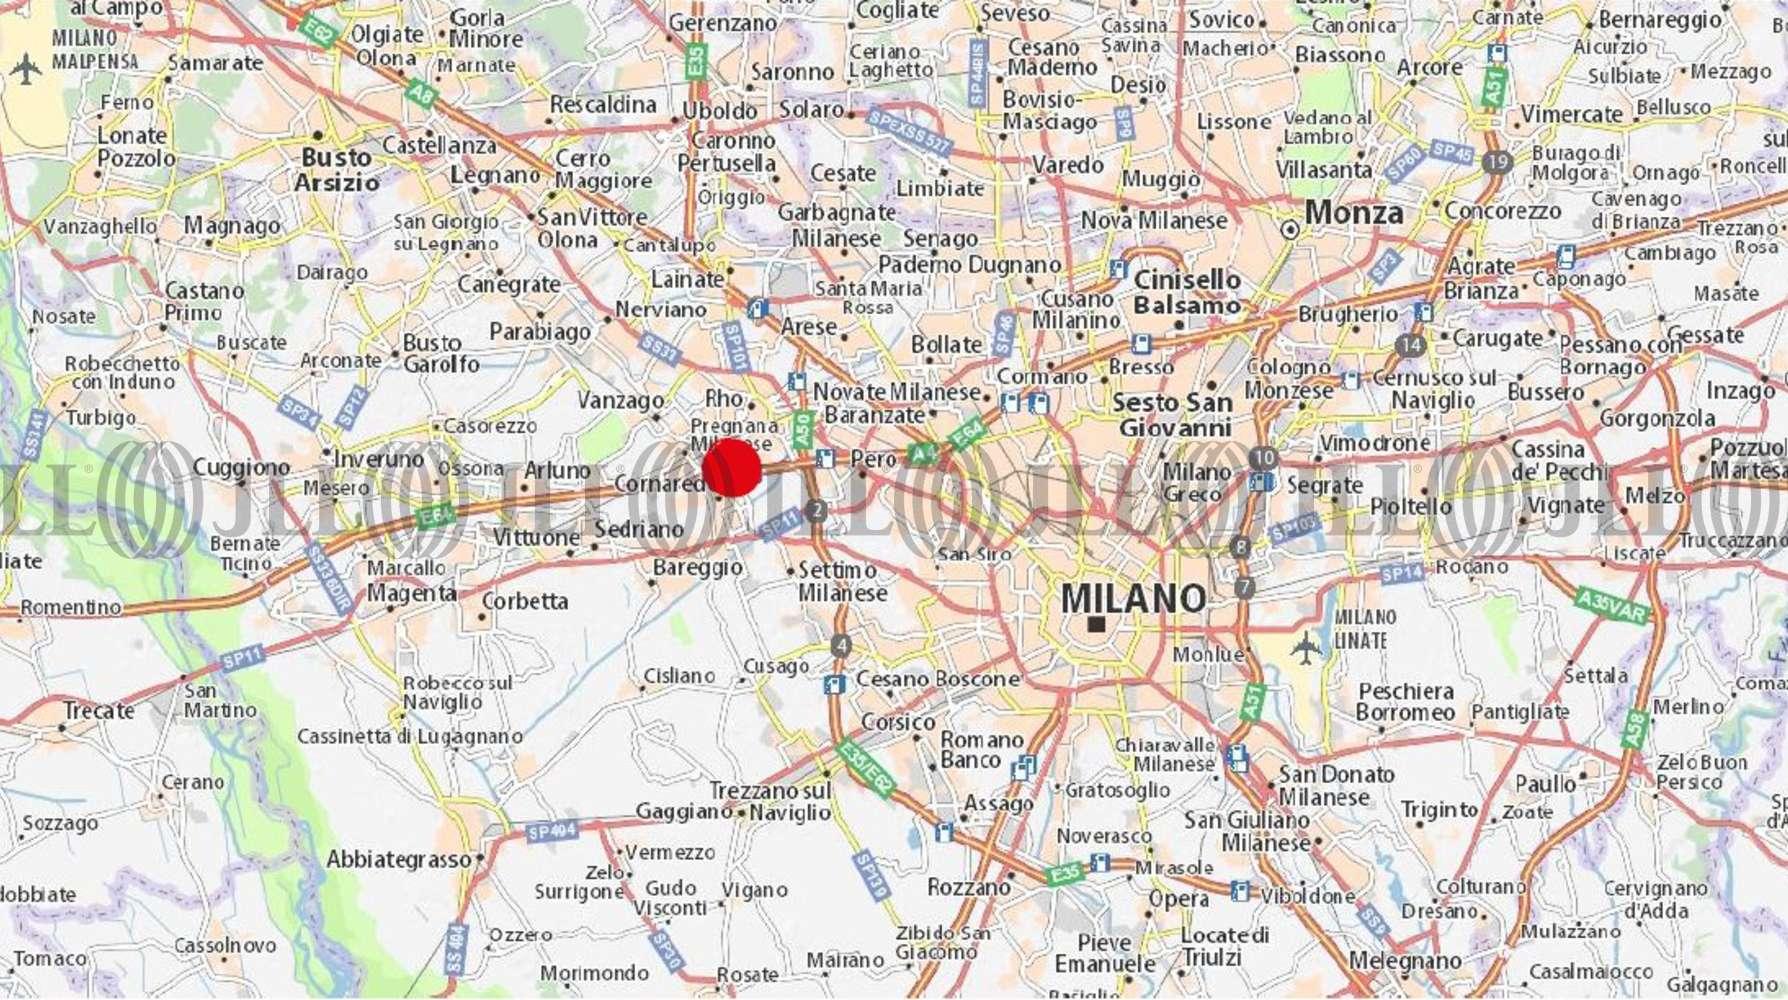 Magazzini industriali e logistici Pregnana milanese, 20010 - Pregnana